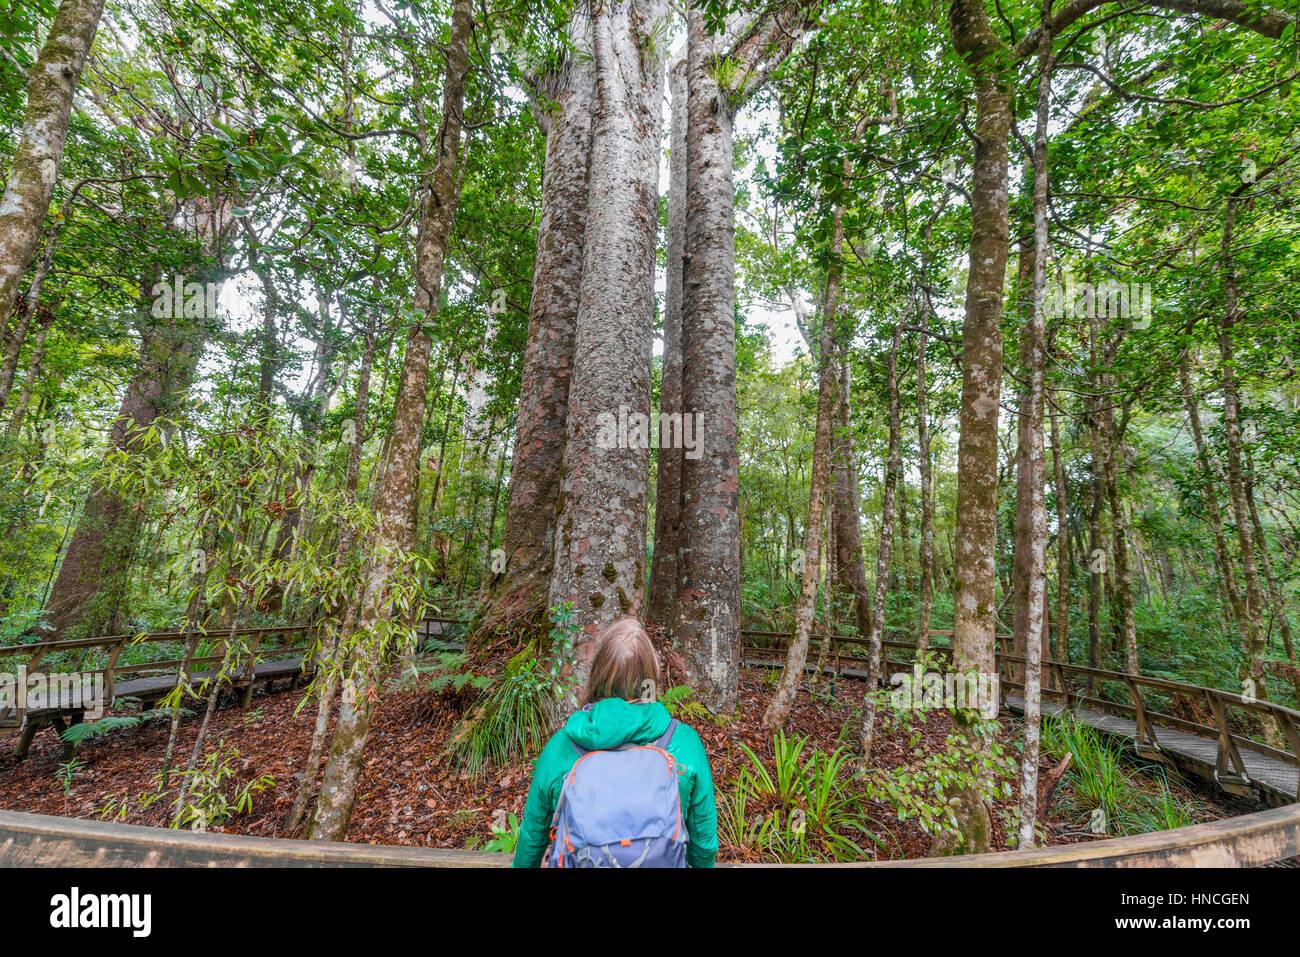 Touristen vor vier Kauri-Bäume (Agathis Australis) zusammenstehen, die vier Schwestern, Waipoua Forest, Northland Stockbild